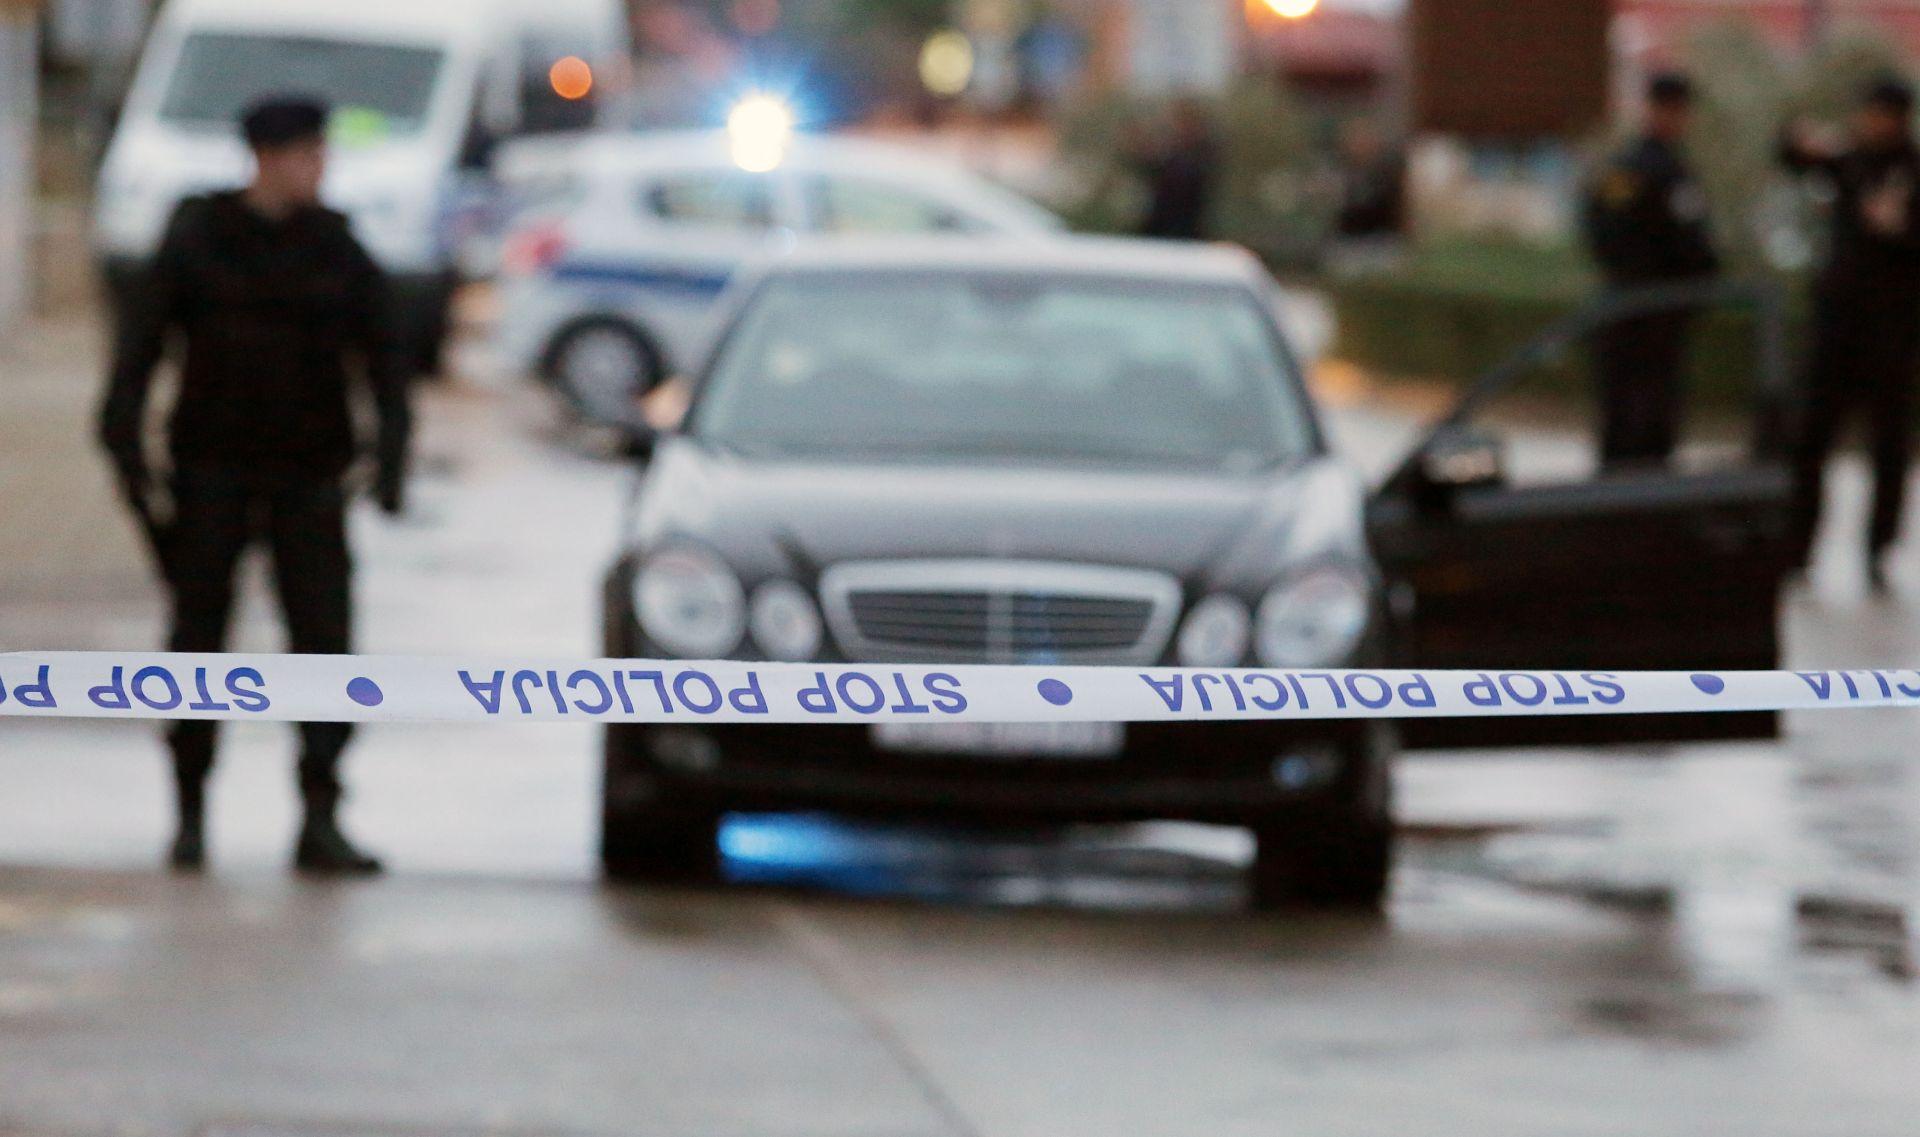 UBOJSTVO U ČISTOJ VELIKOJ: Privedene tri osobe, znali su za ubojstvo i šutjeli